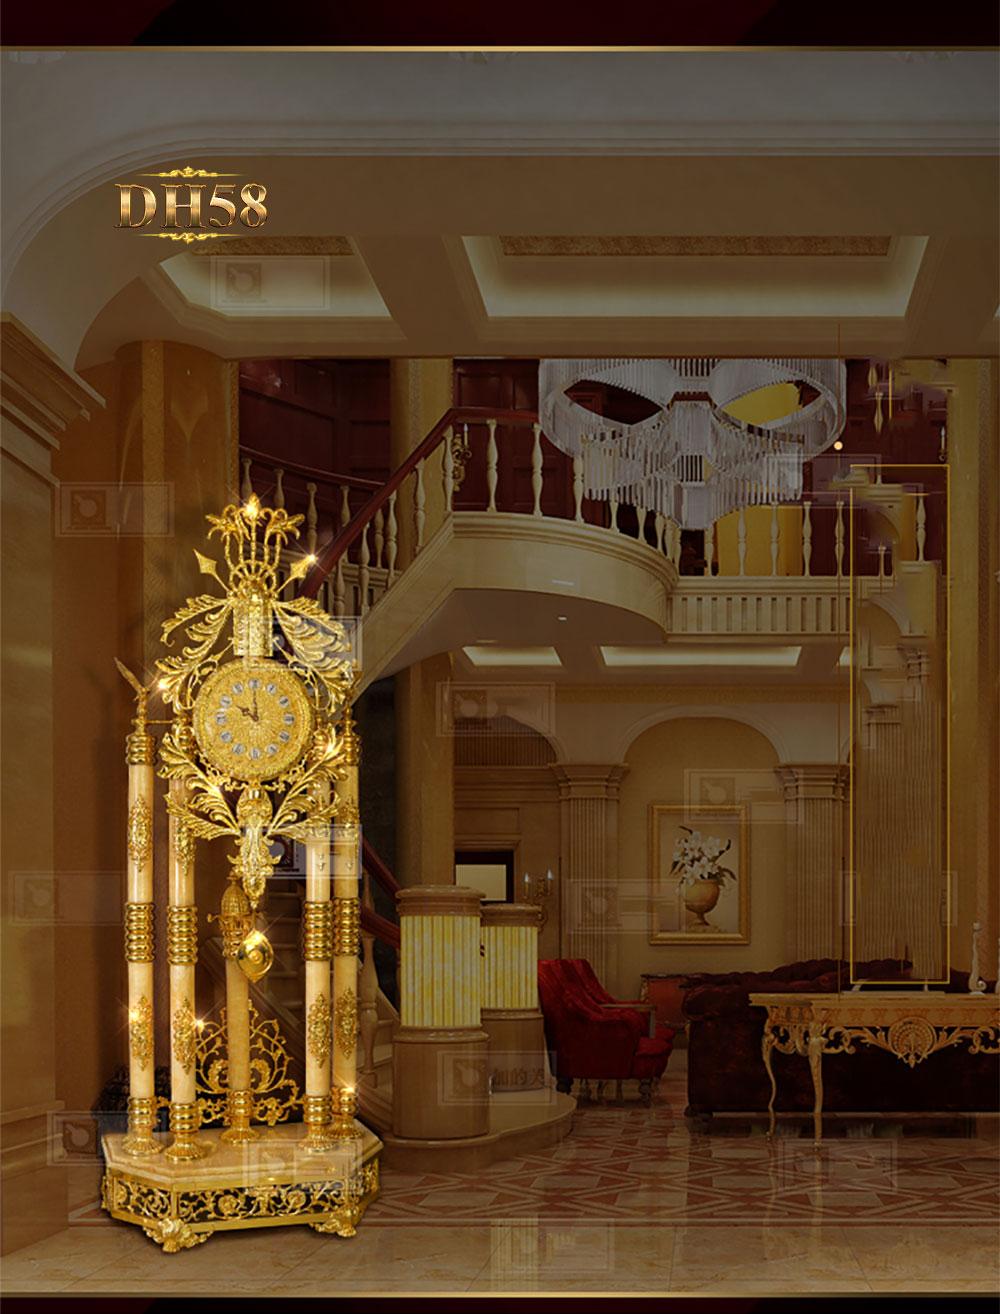 Đồng hồ cây cao cấp chạm khắc hoa văn tân cổ điền mạ vàng 24k sang trọng DH58